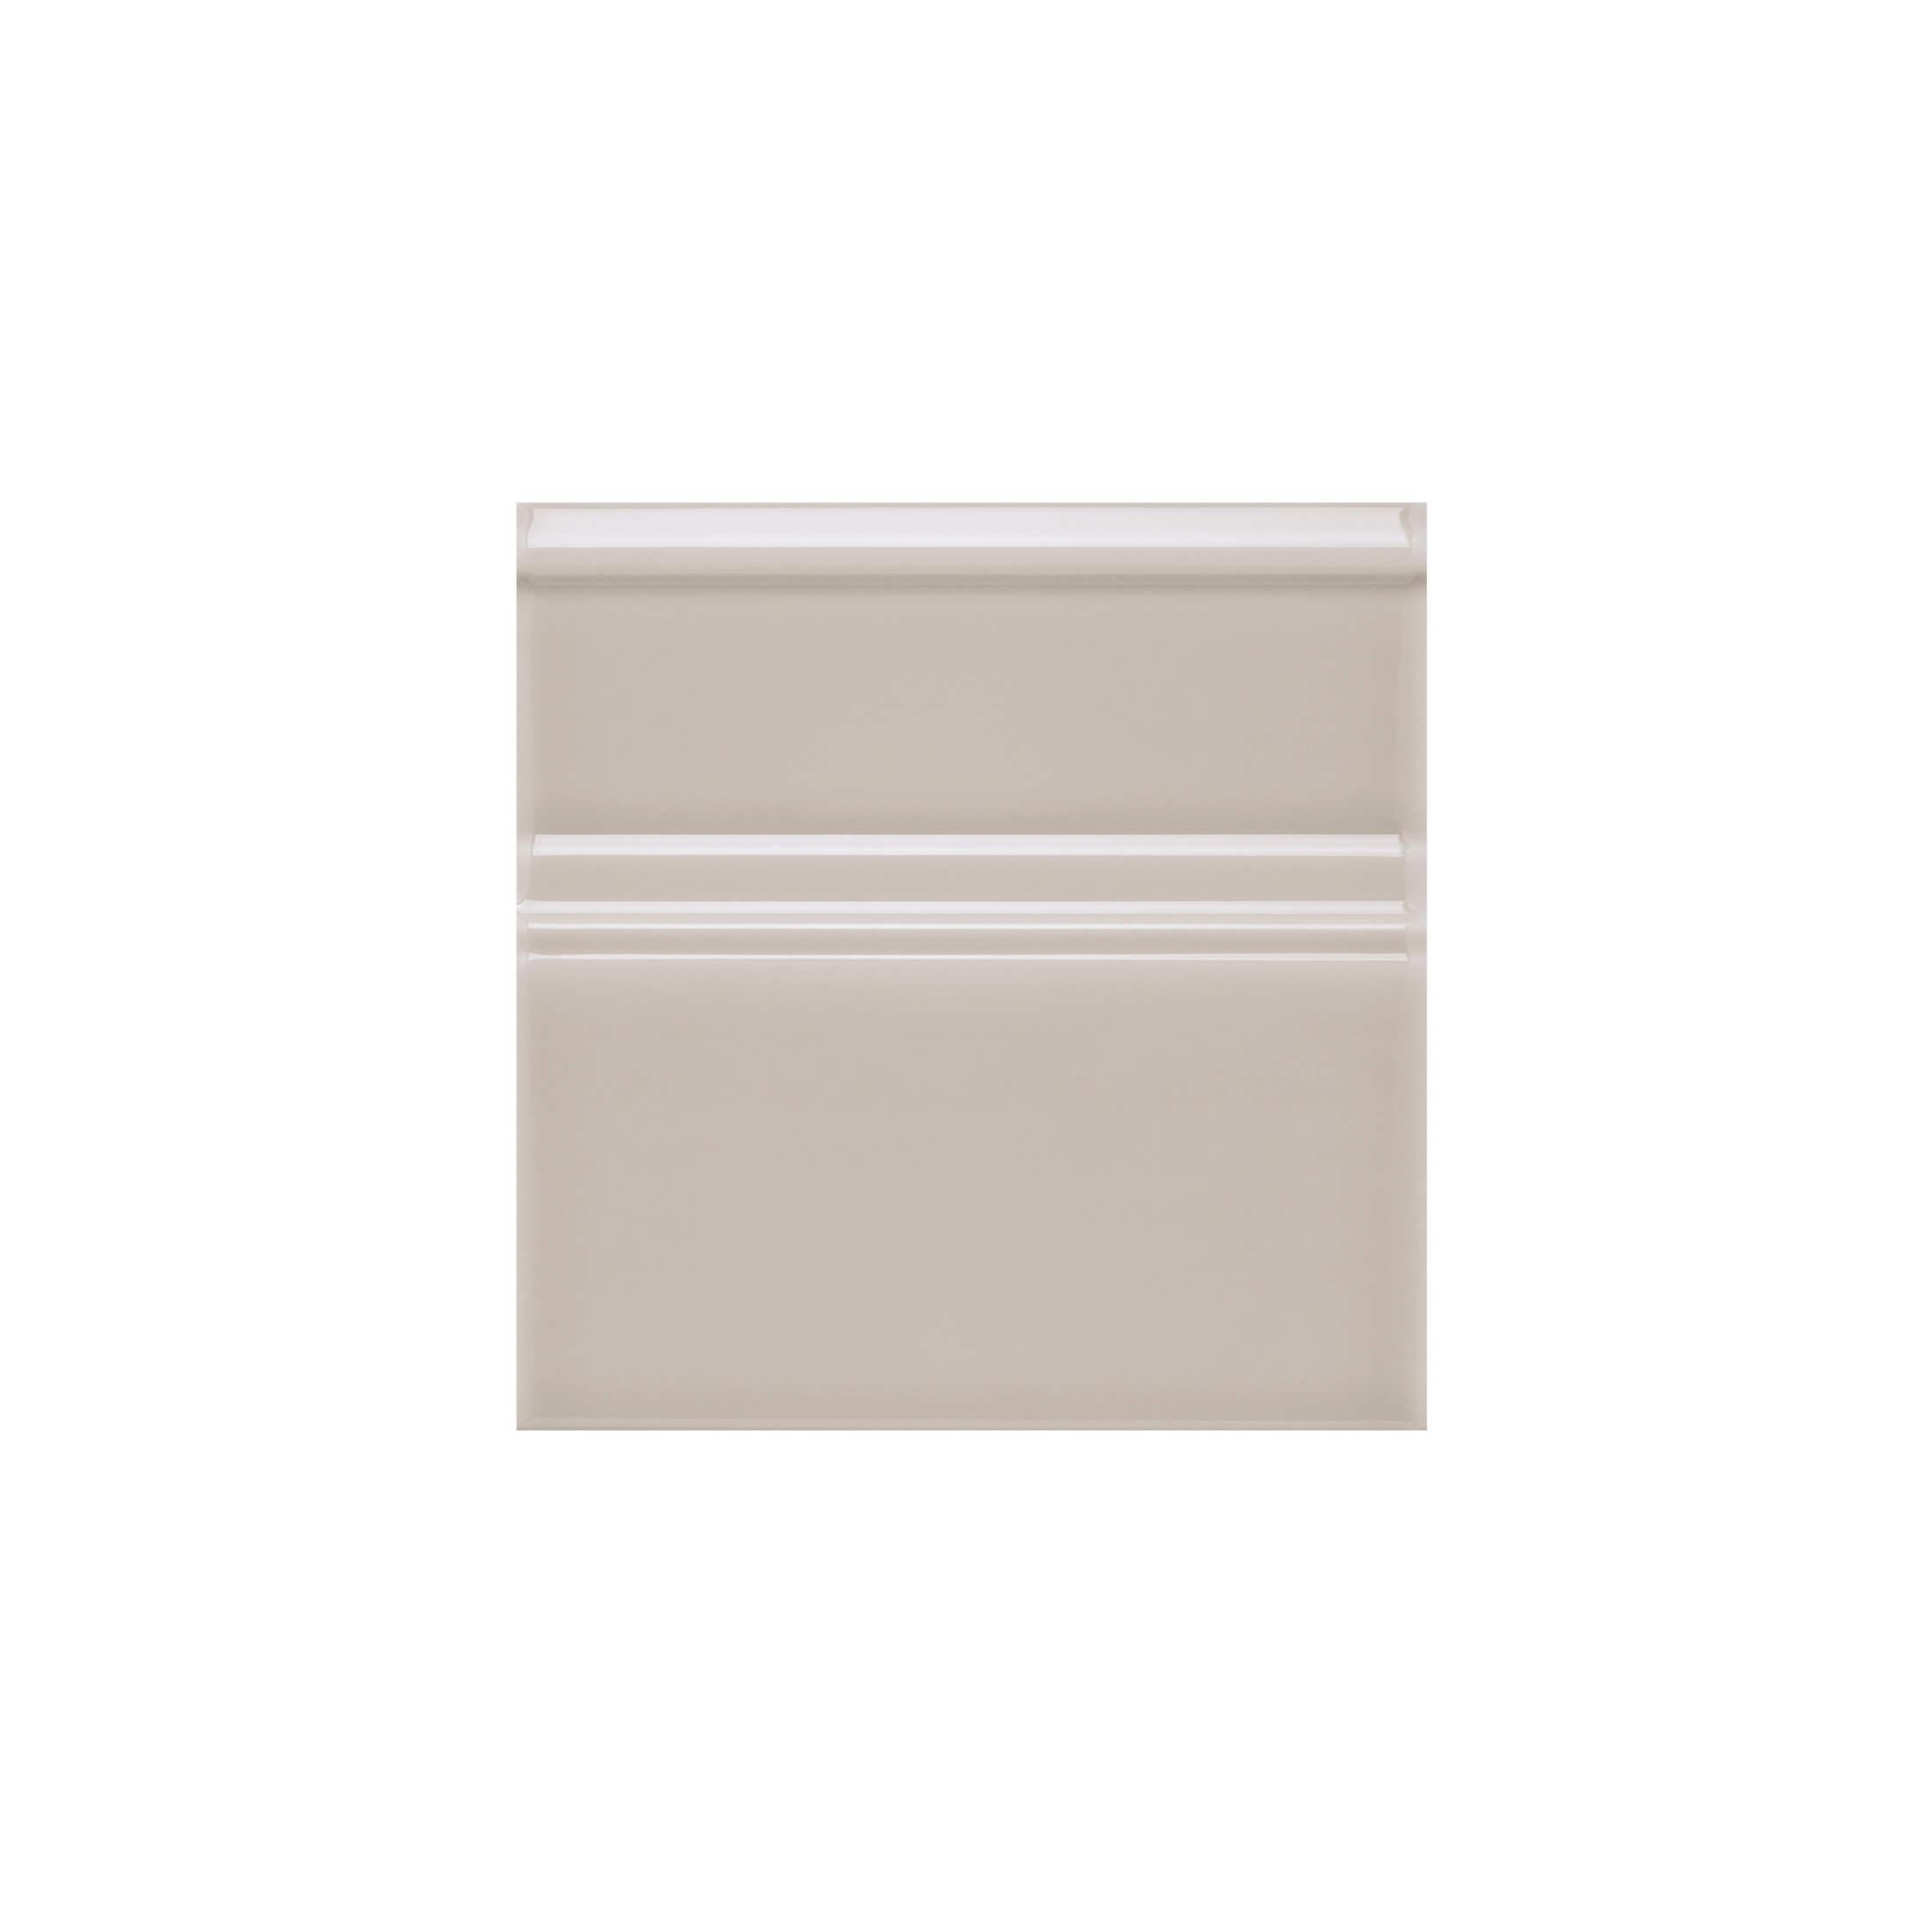 ADNE5520 - RODAPIE CLASICO - 15 cm X 15 cm